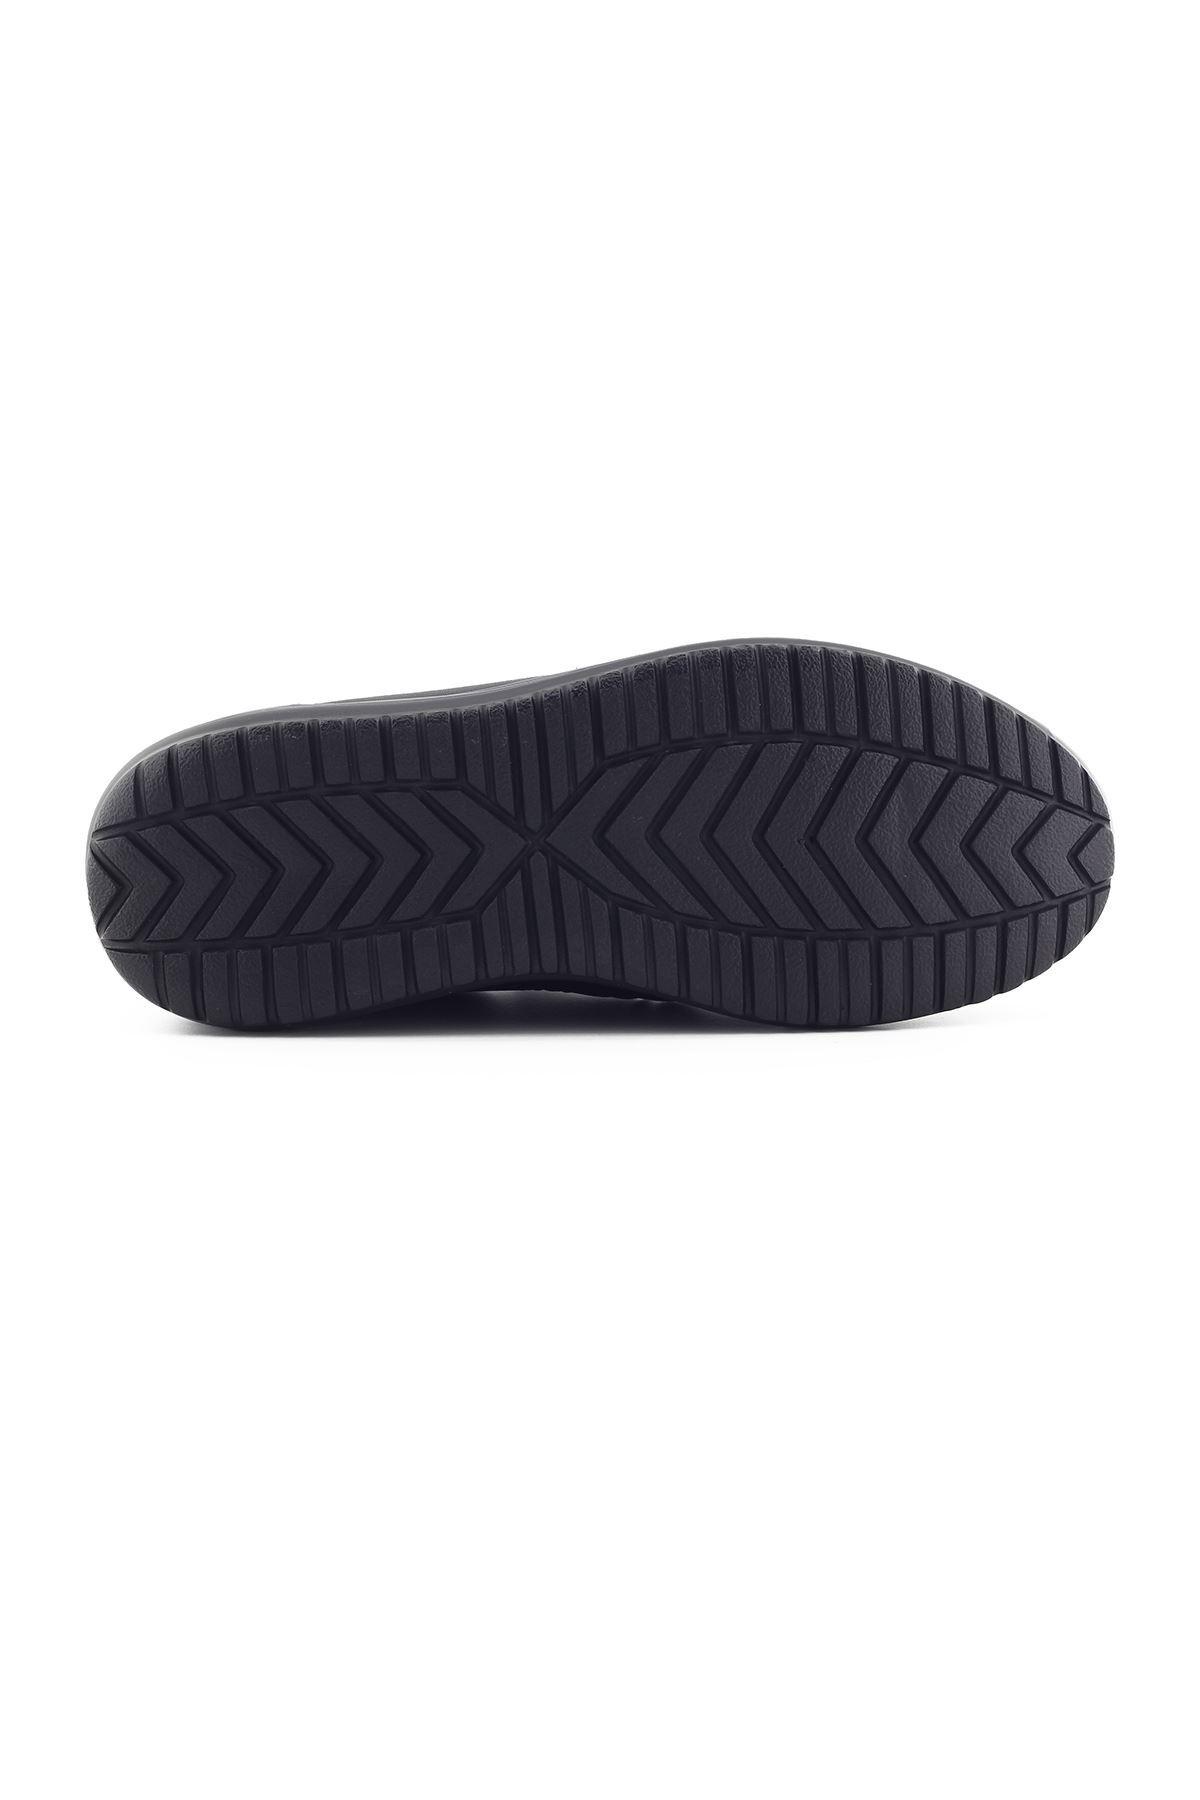 1853 Siyah Erkek Yürüyüş Ayakkabısı